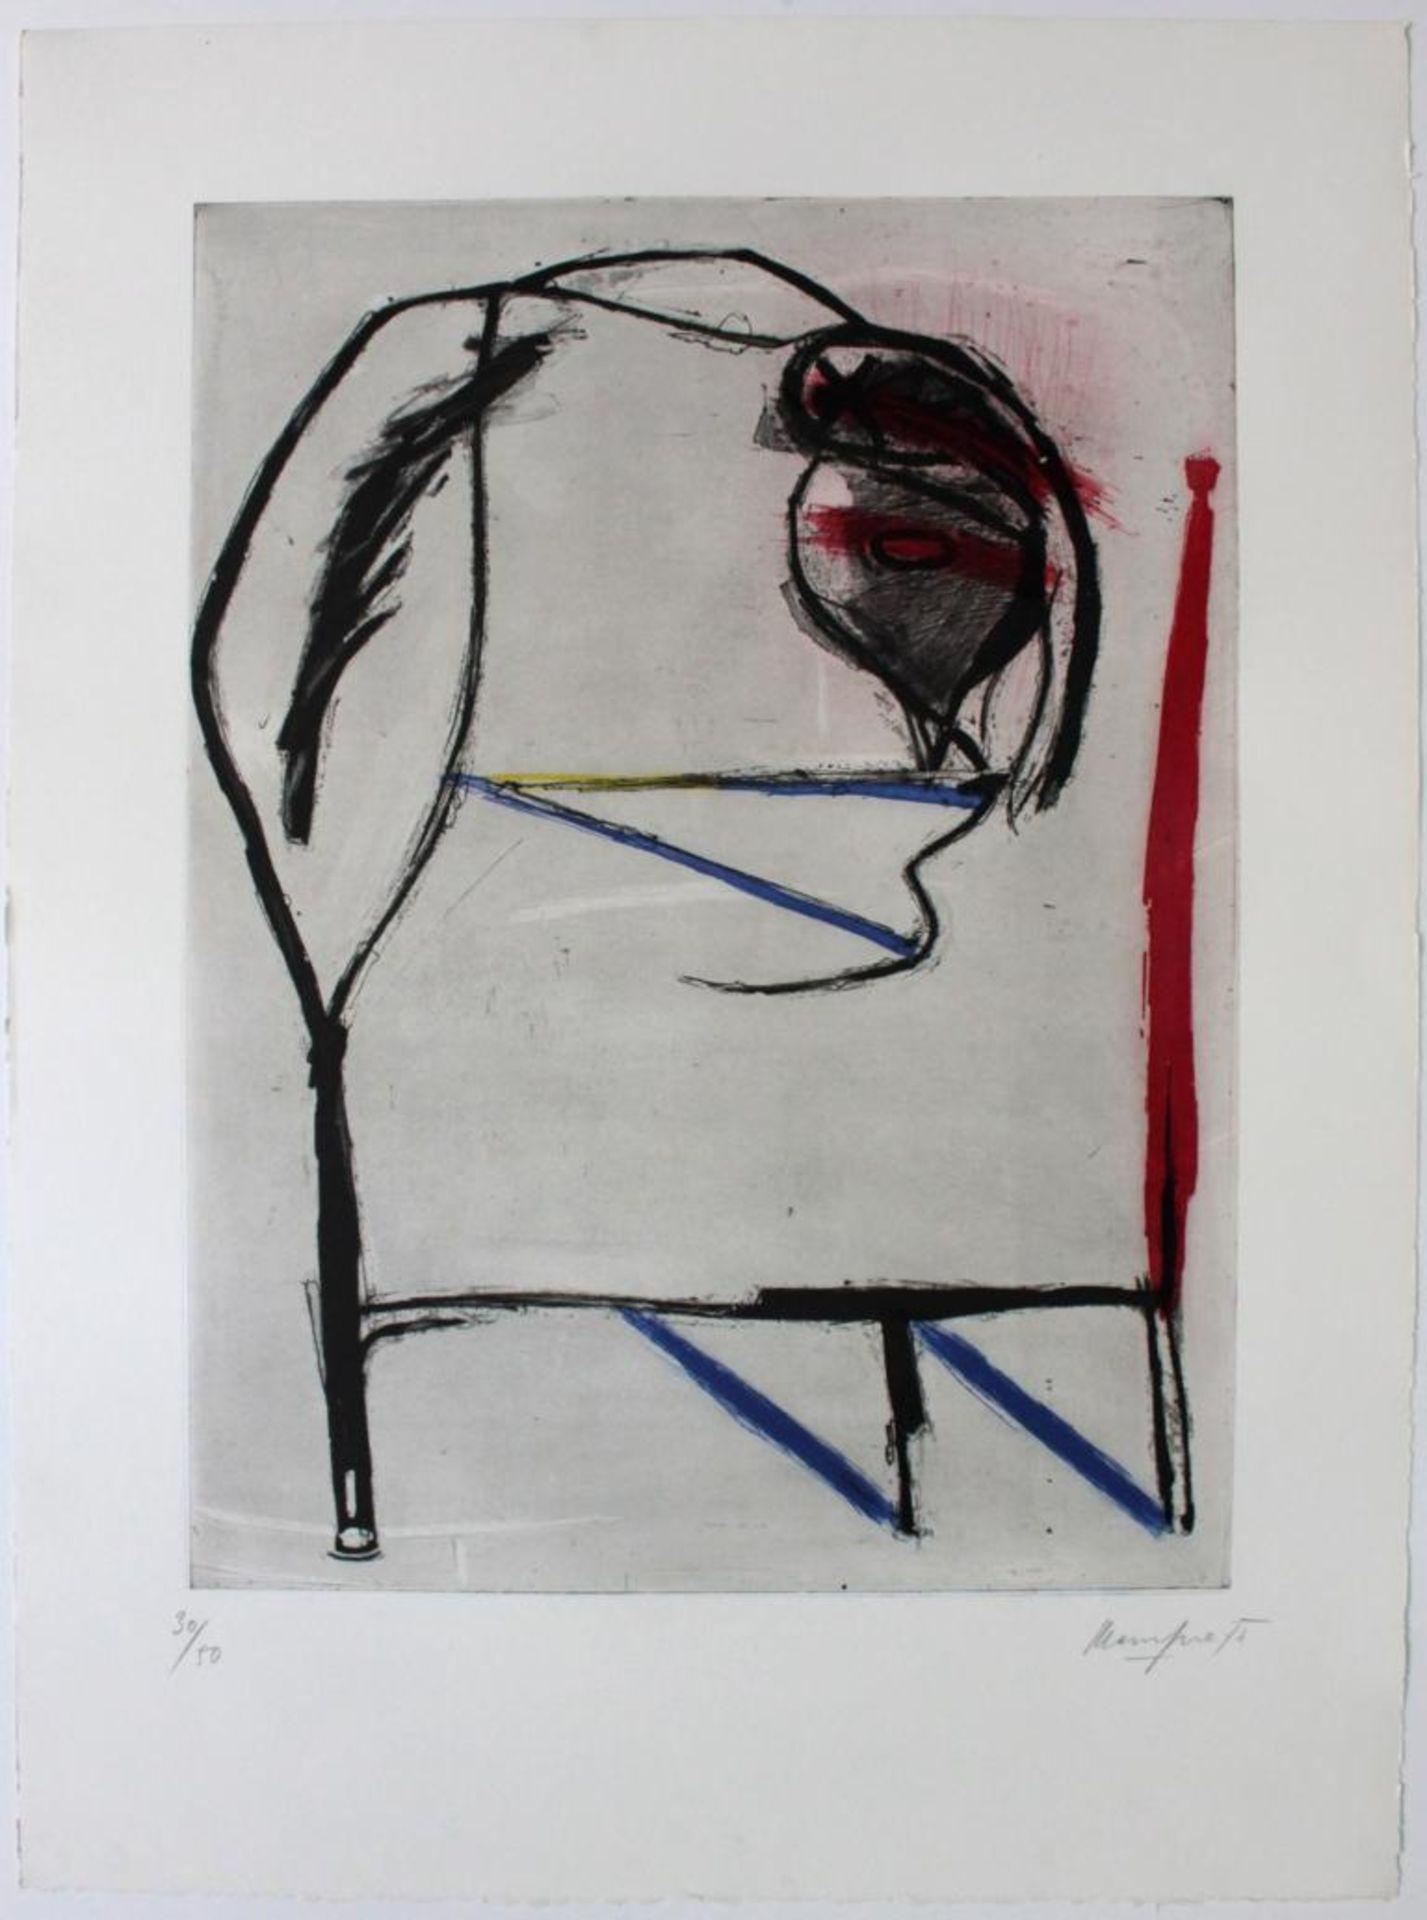 Messensee Jürgen (geb. 1936) Ohne Titel 1975 Lithographie handsigniert, datiert und nummeriert 30/50